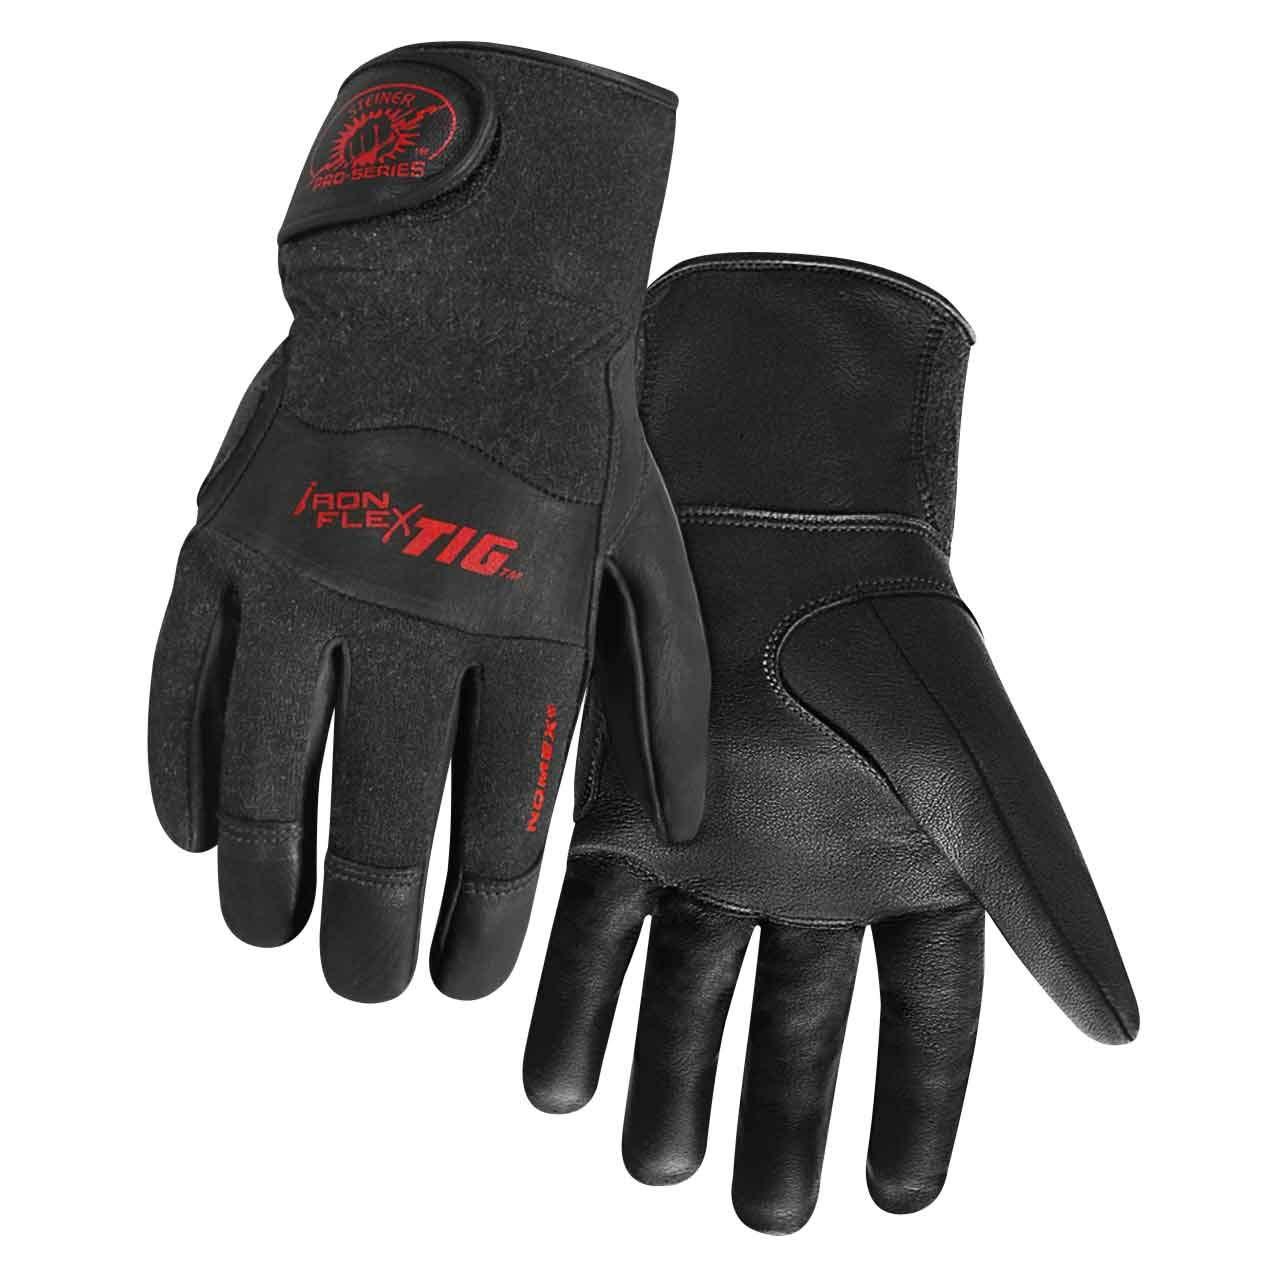 Steiner 0260-M SPS Ironflex TIG Gloves, Black Grain Kidskin Nomex Back Velcro Cuff, Medium by Steiner